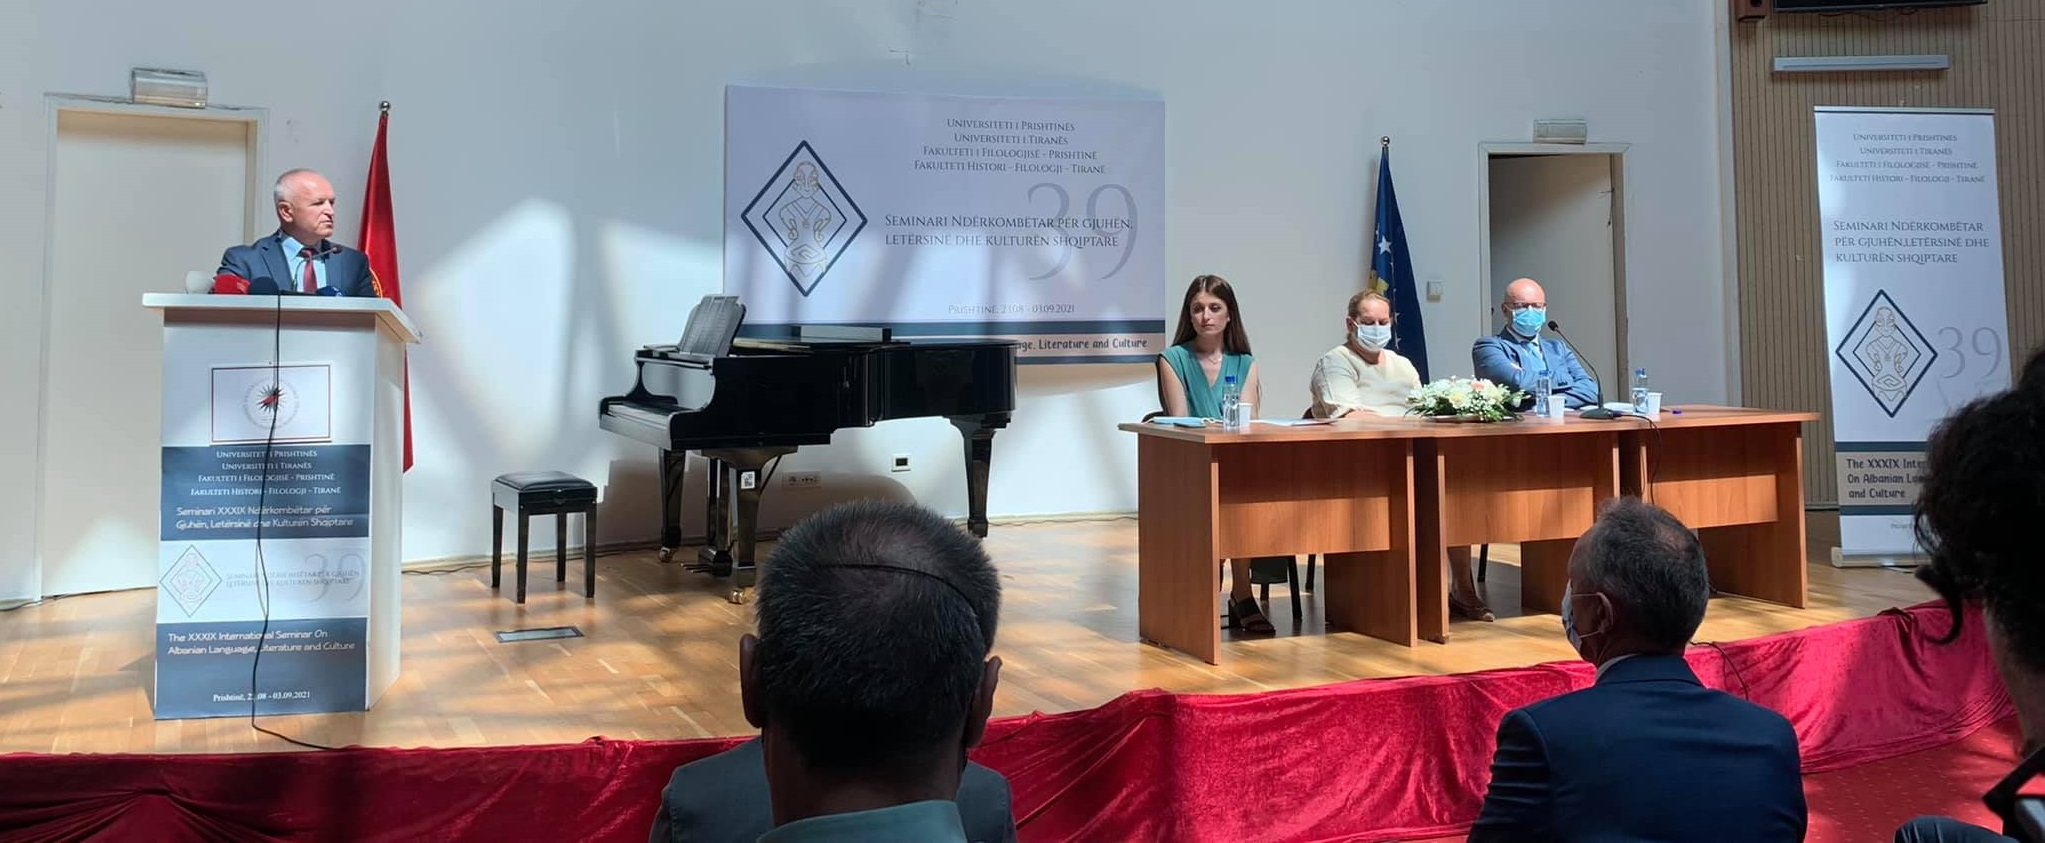 Fjala përshëndetëse e Dekanit, Prof. dr. Sabri Laçi, në ceremoninë e çeljes së punimeve të Seminarit Ndërkombëtar për Gjuhën, Letërsinë dhe Kulturën Shqiptare